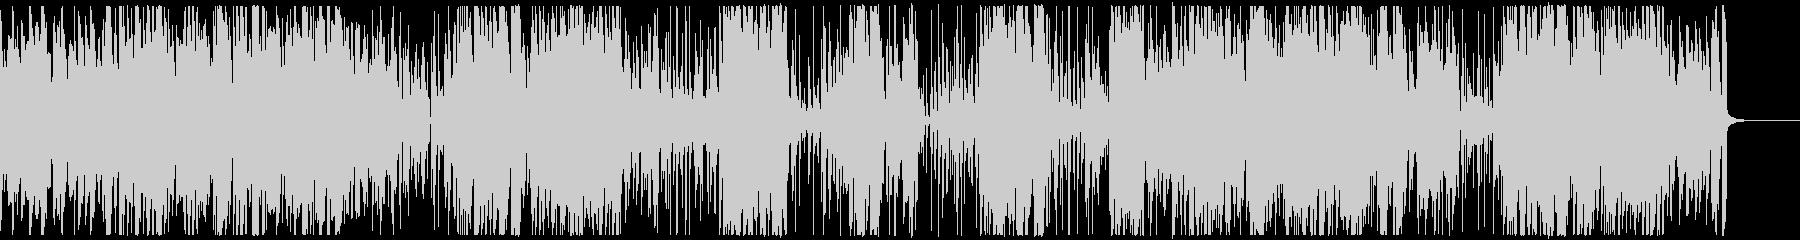 ビバップ・ジャズ/サックス伴奏の未再生の波形